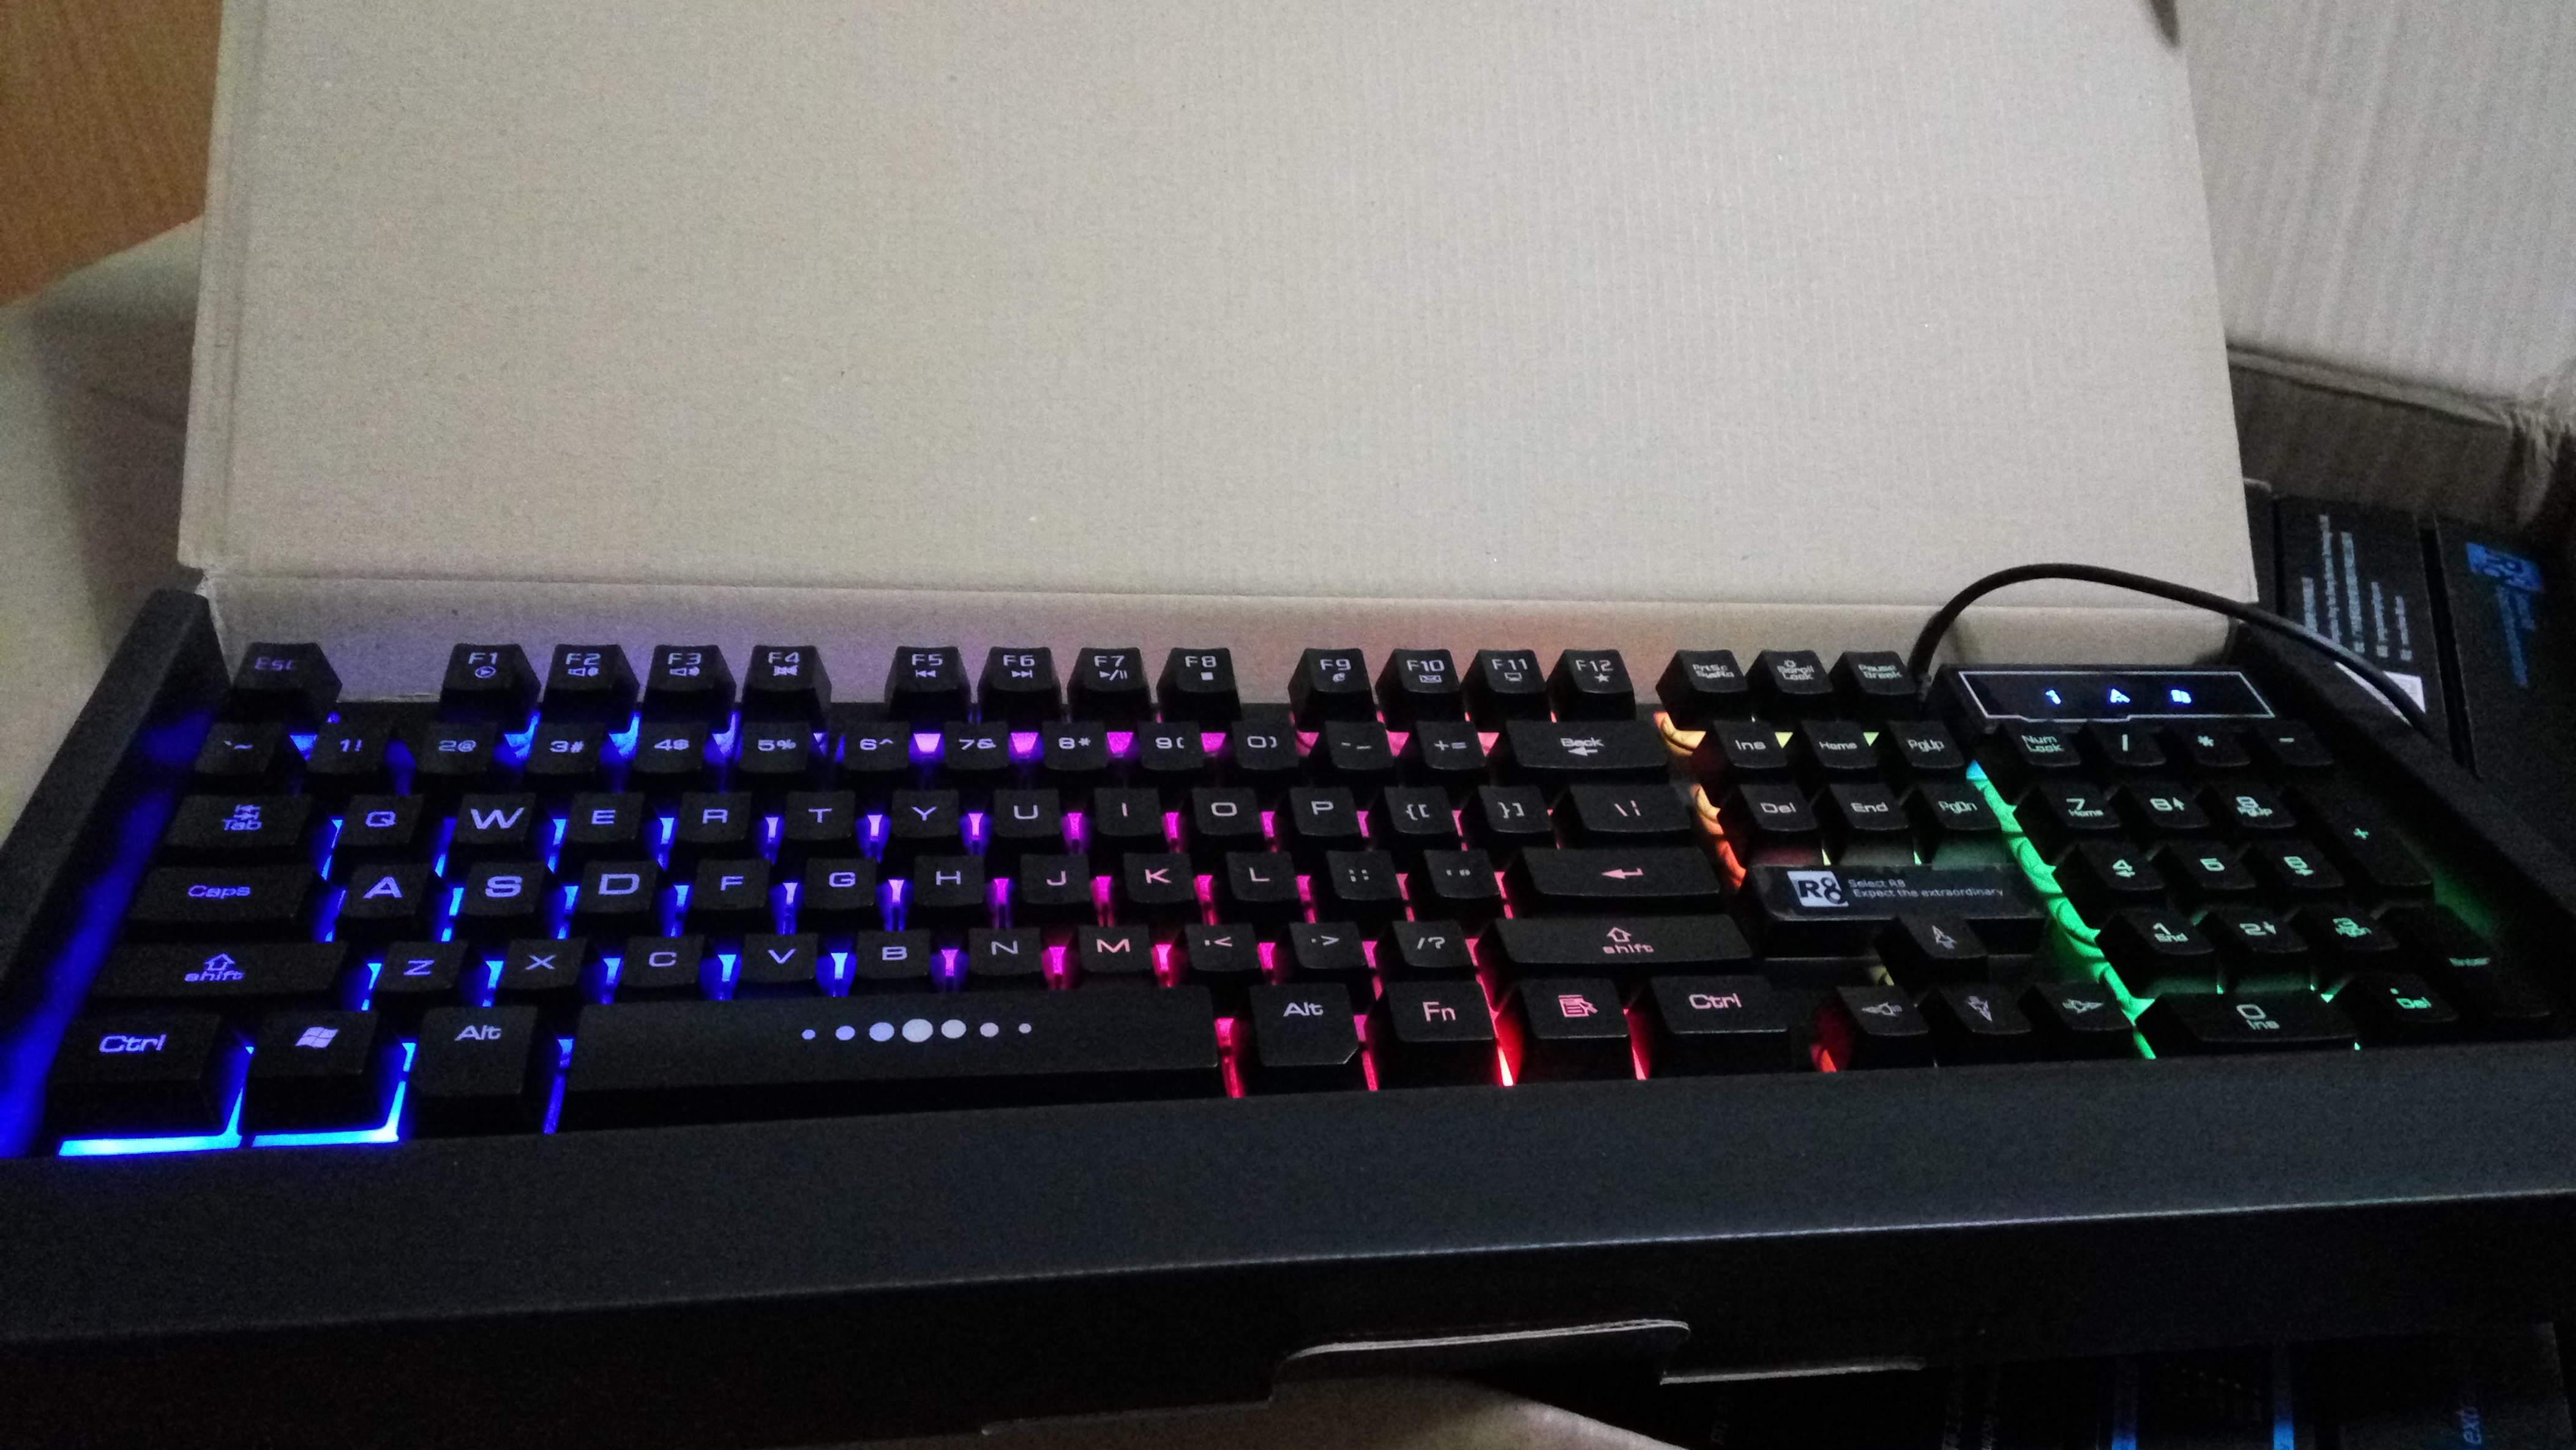 Bộ bàn phím giả cơ R8 1822 + Chuột R8 1602 và Tai Nghe Led EX + Tặng Kèm Lót Chuột - Hàng Nhập Khẩu